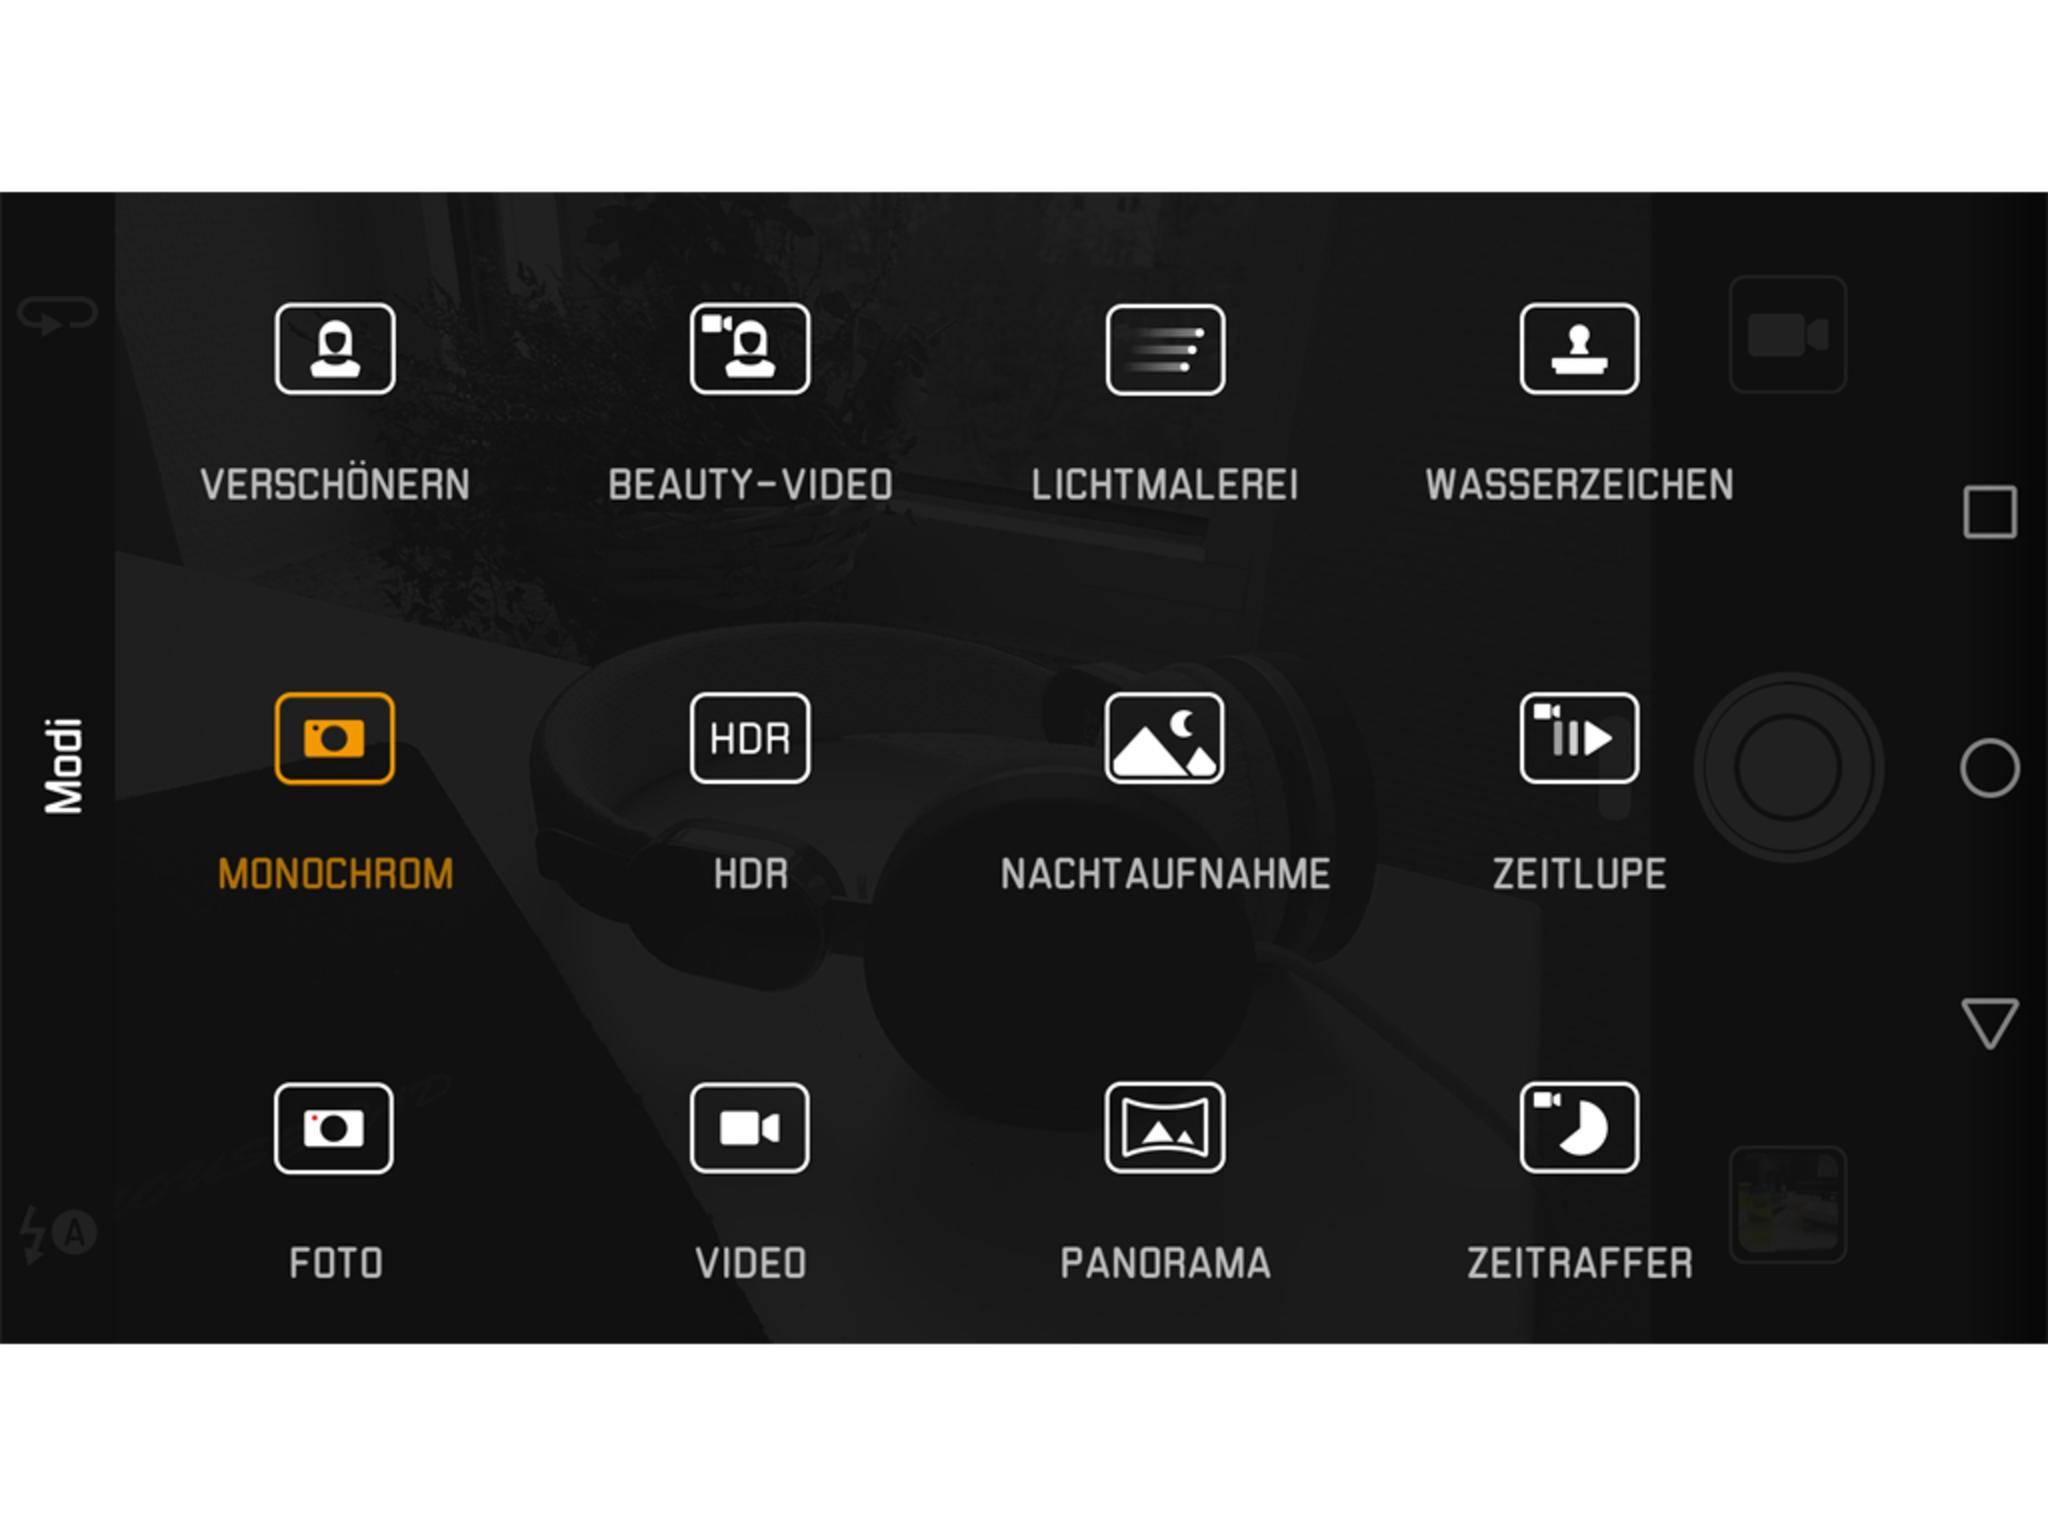 """Dazu einfach in der Kamera-App von links nach rechts wischen und """"Monochrom"""" auswählen."""